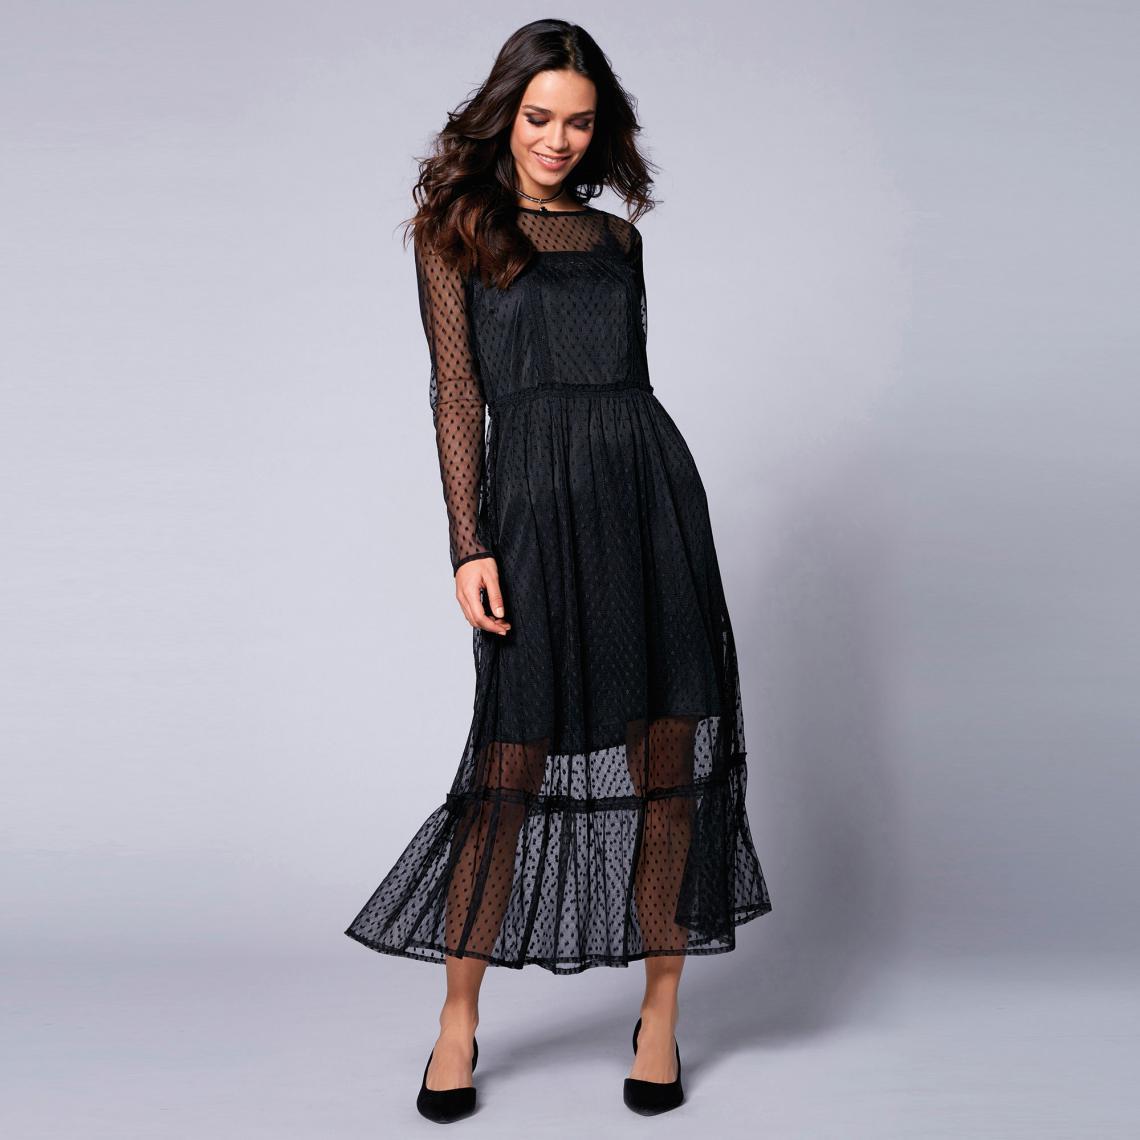 254404138eb Robe longue manches longues tulle à plumetis semi-transparent femme - Noir  Venca Femme